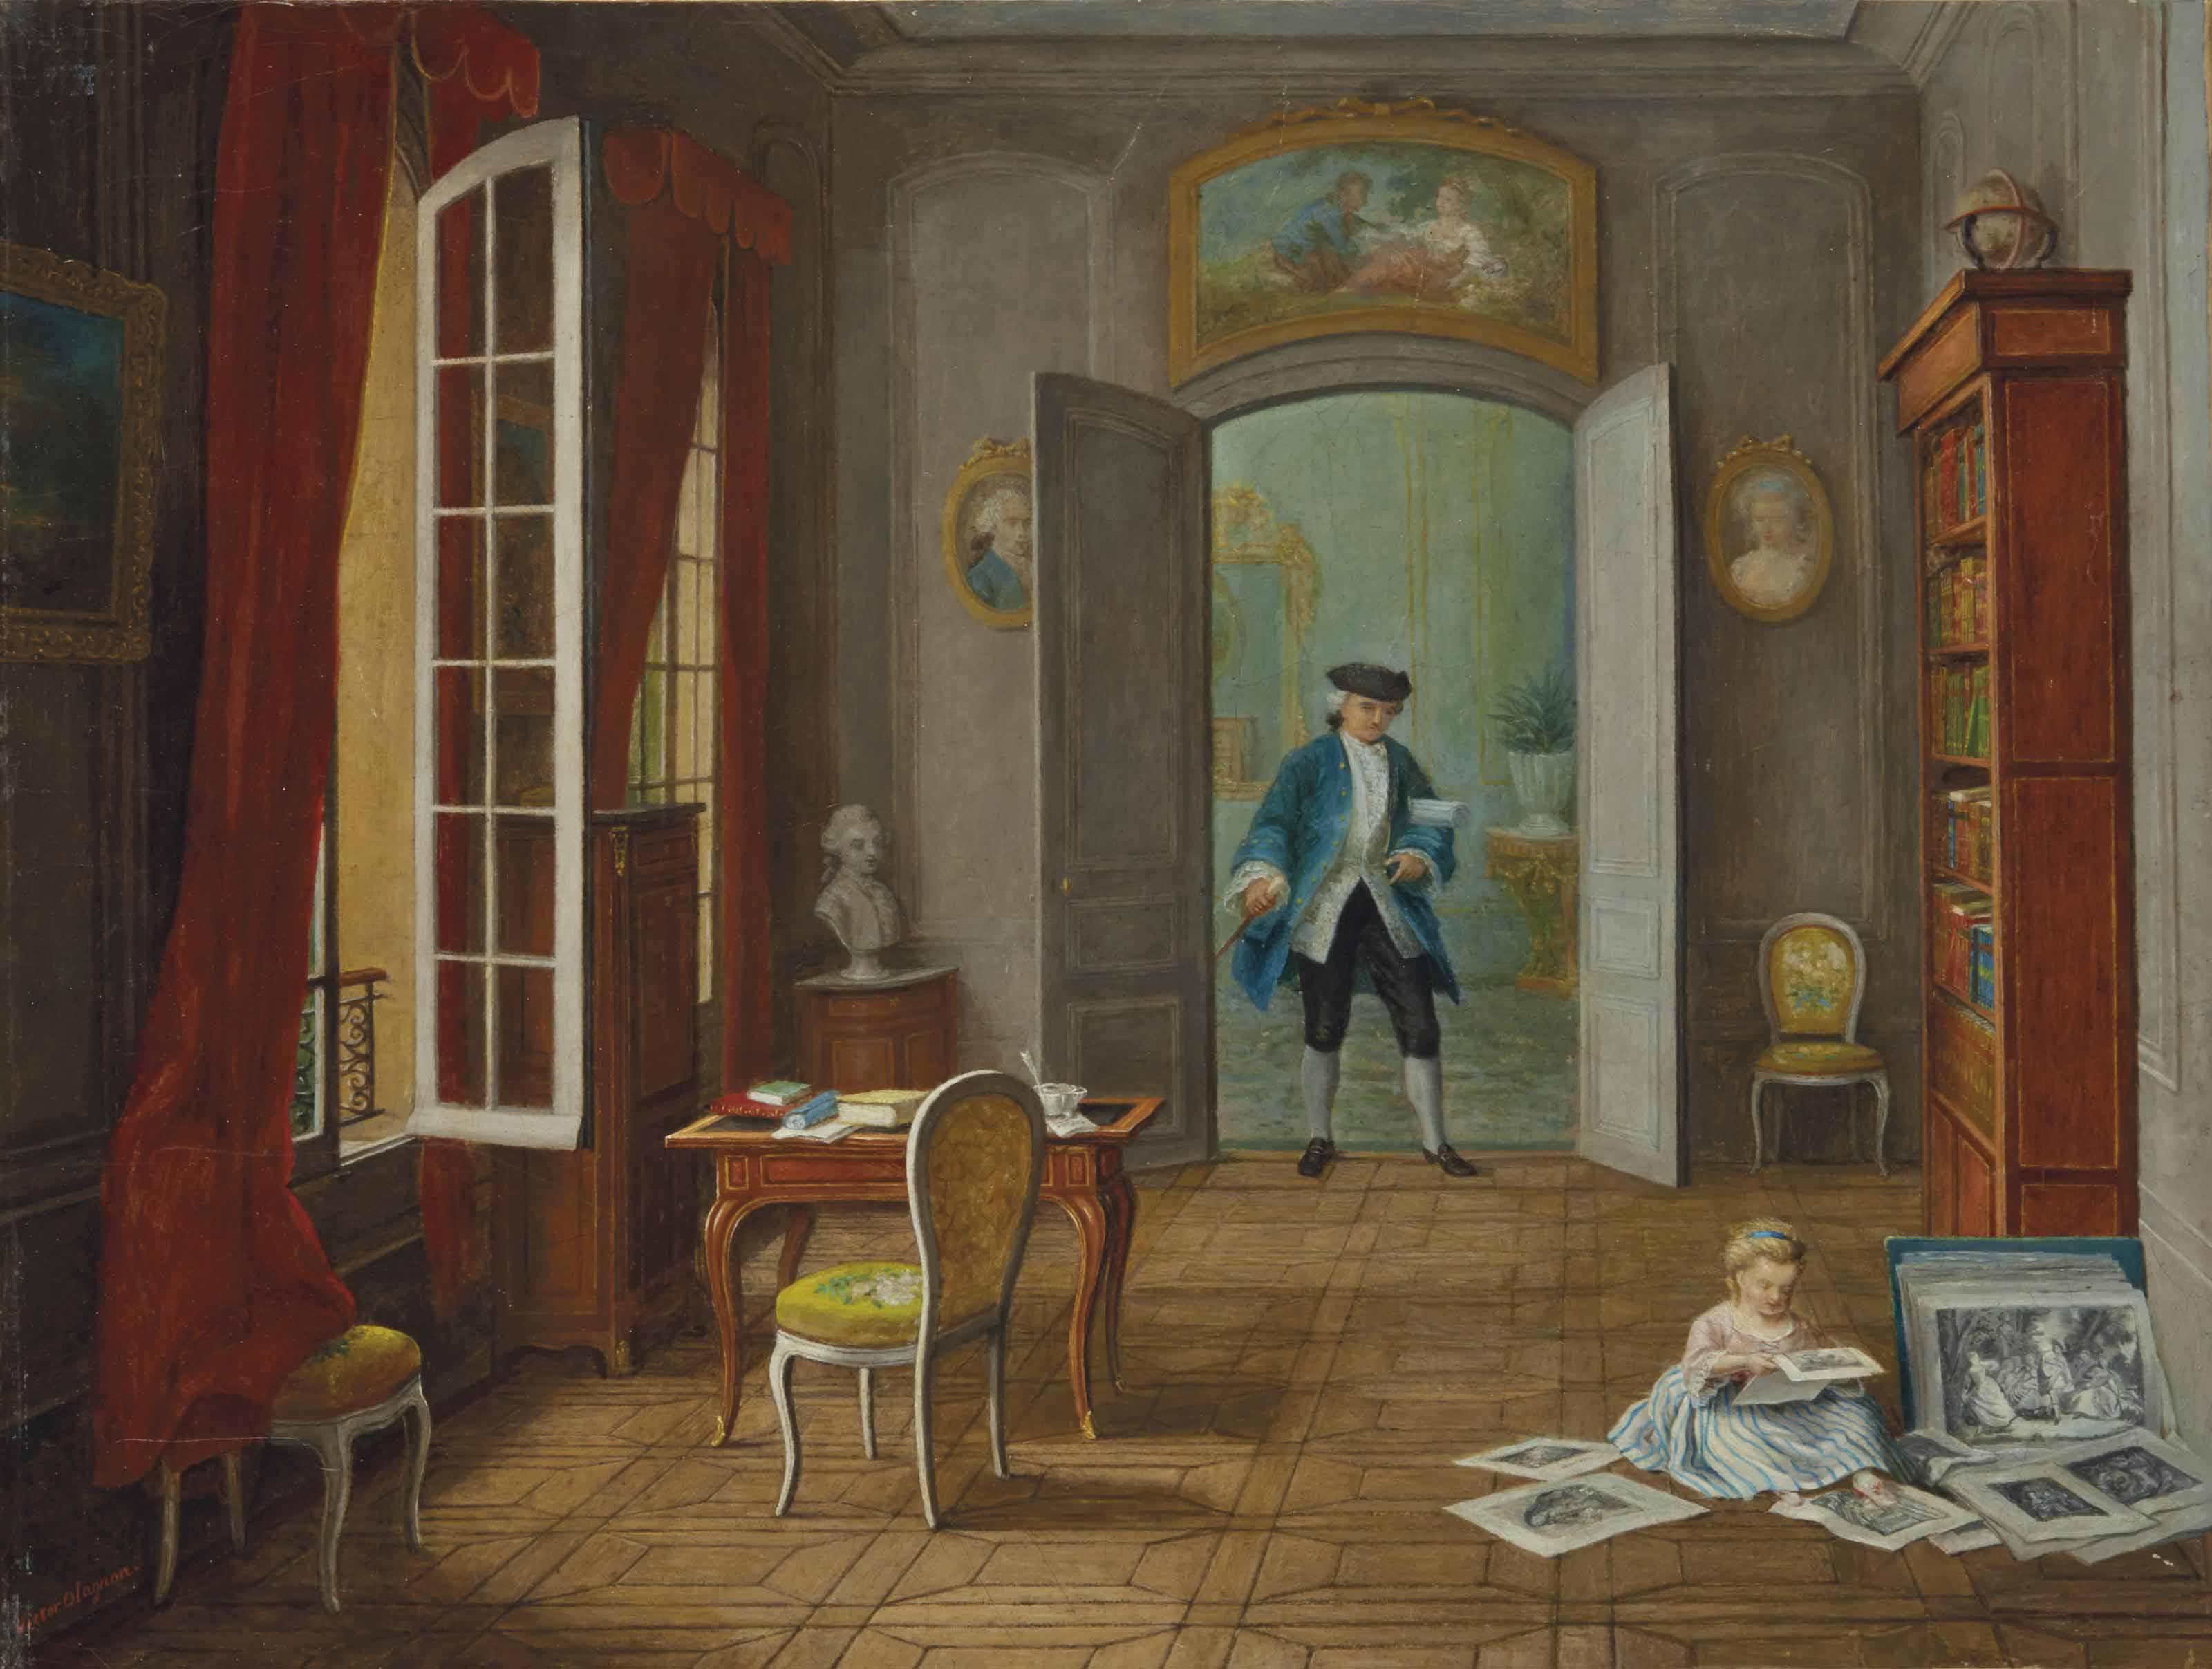 PIERRE VICTOR OLAGNON (PARIS 1